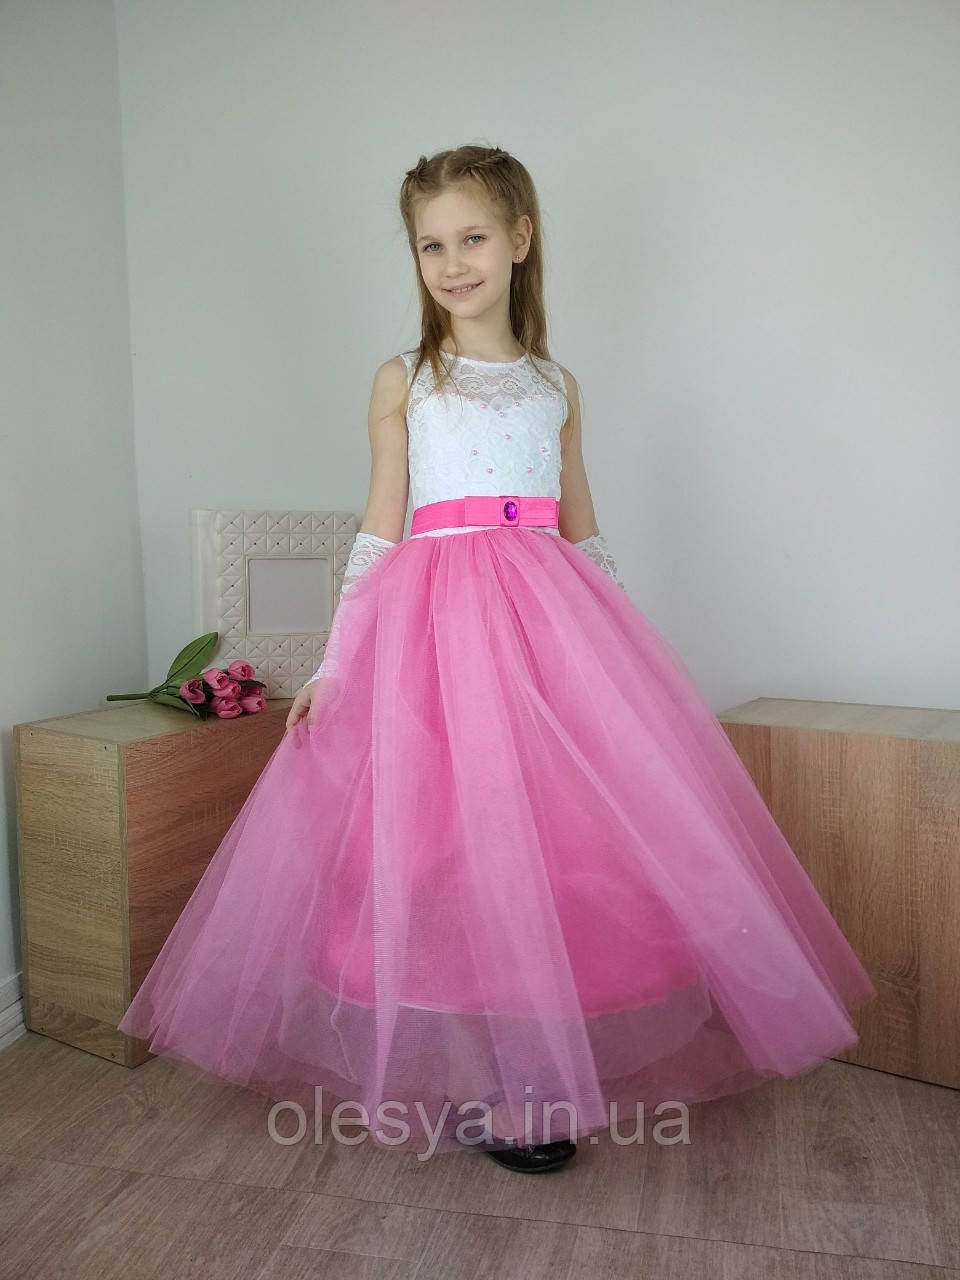 Детское бальное платье в пол Размеры 30- 34